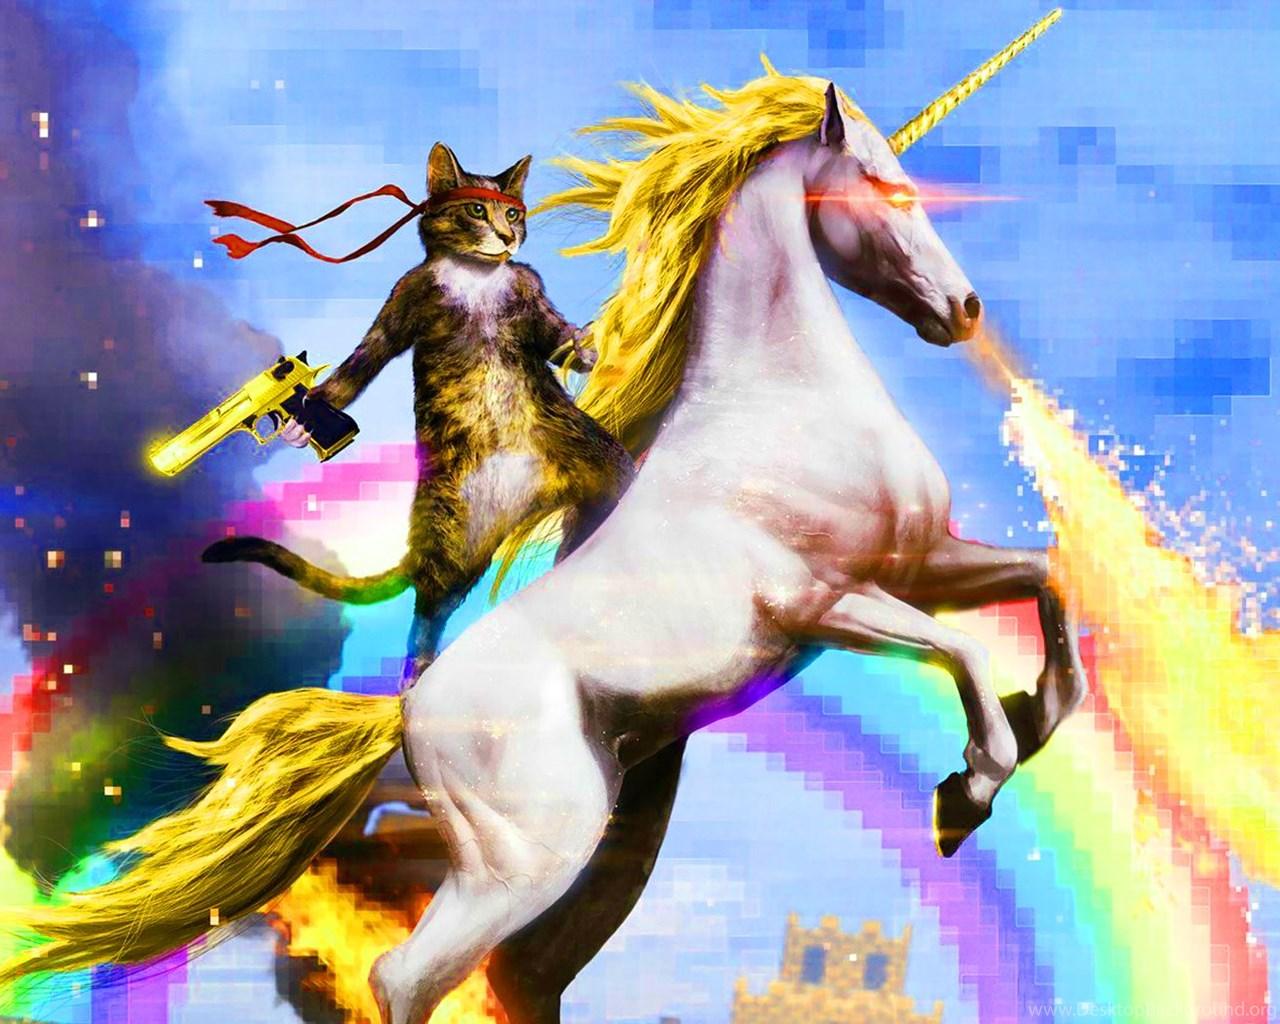 Cat Riding Unicorn